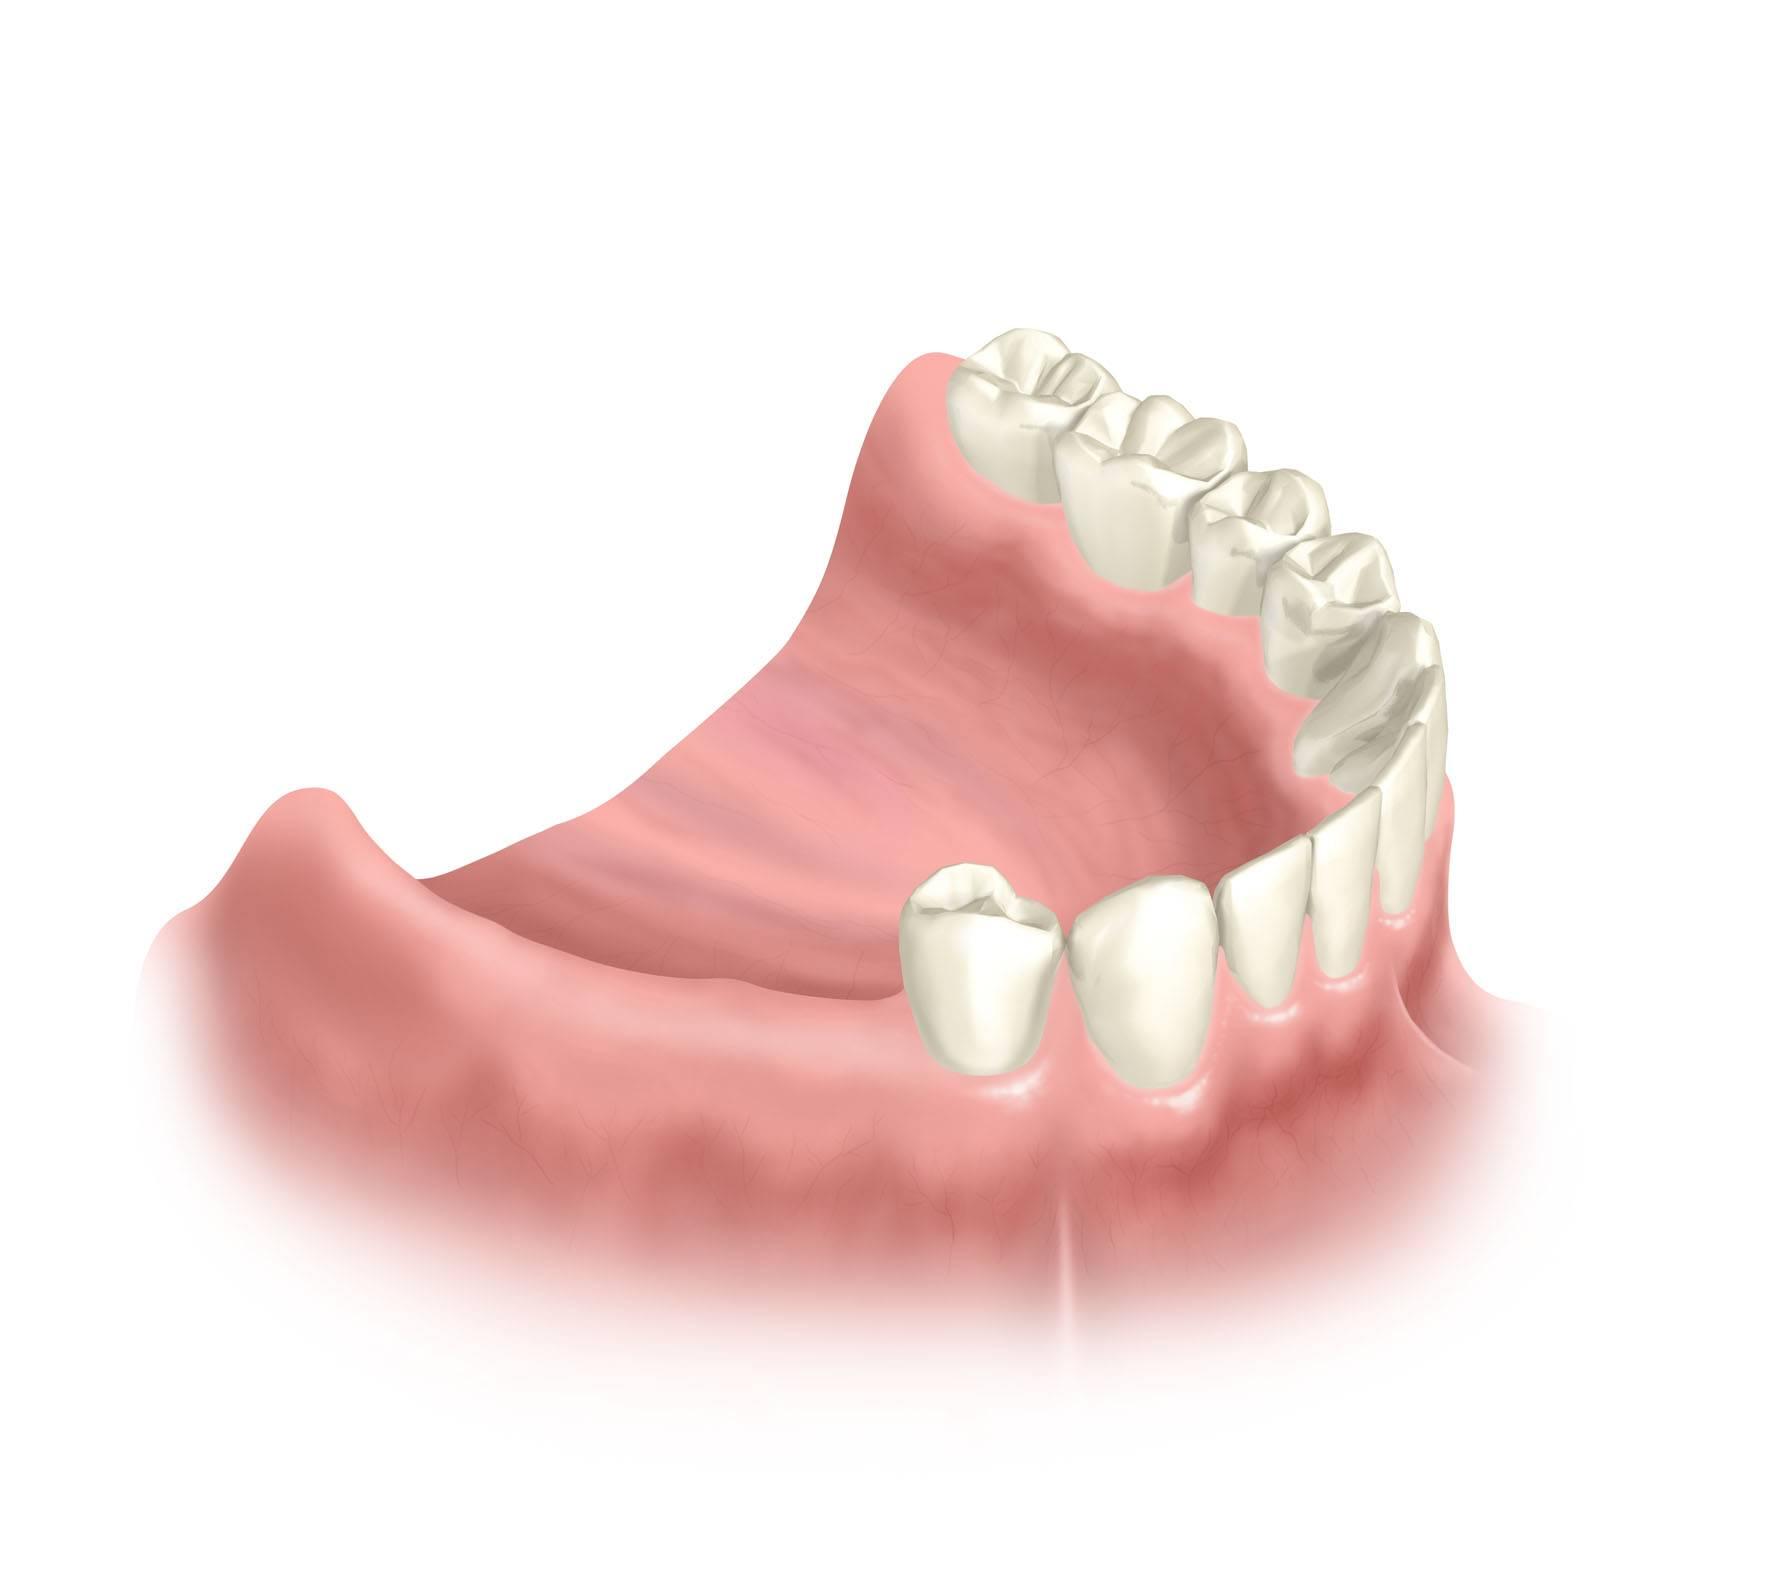 Что лучше ставить — имплант или мост (коронку), если нет одного зуба, и чем они отличаются?